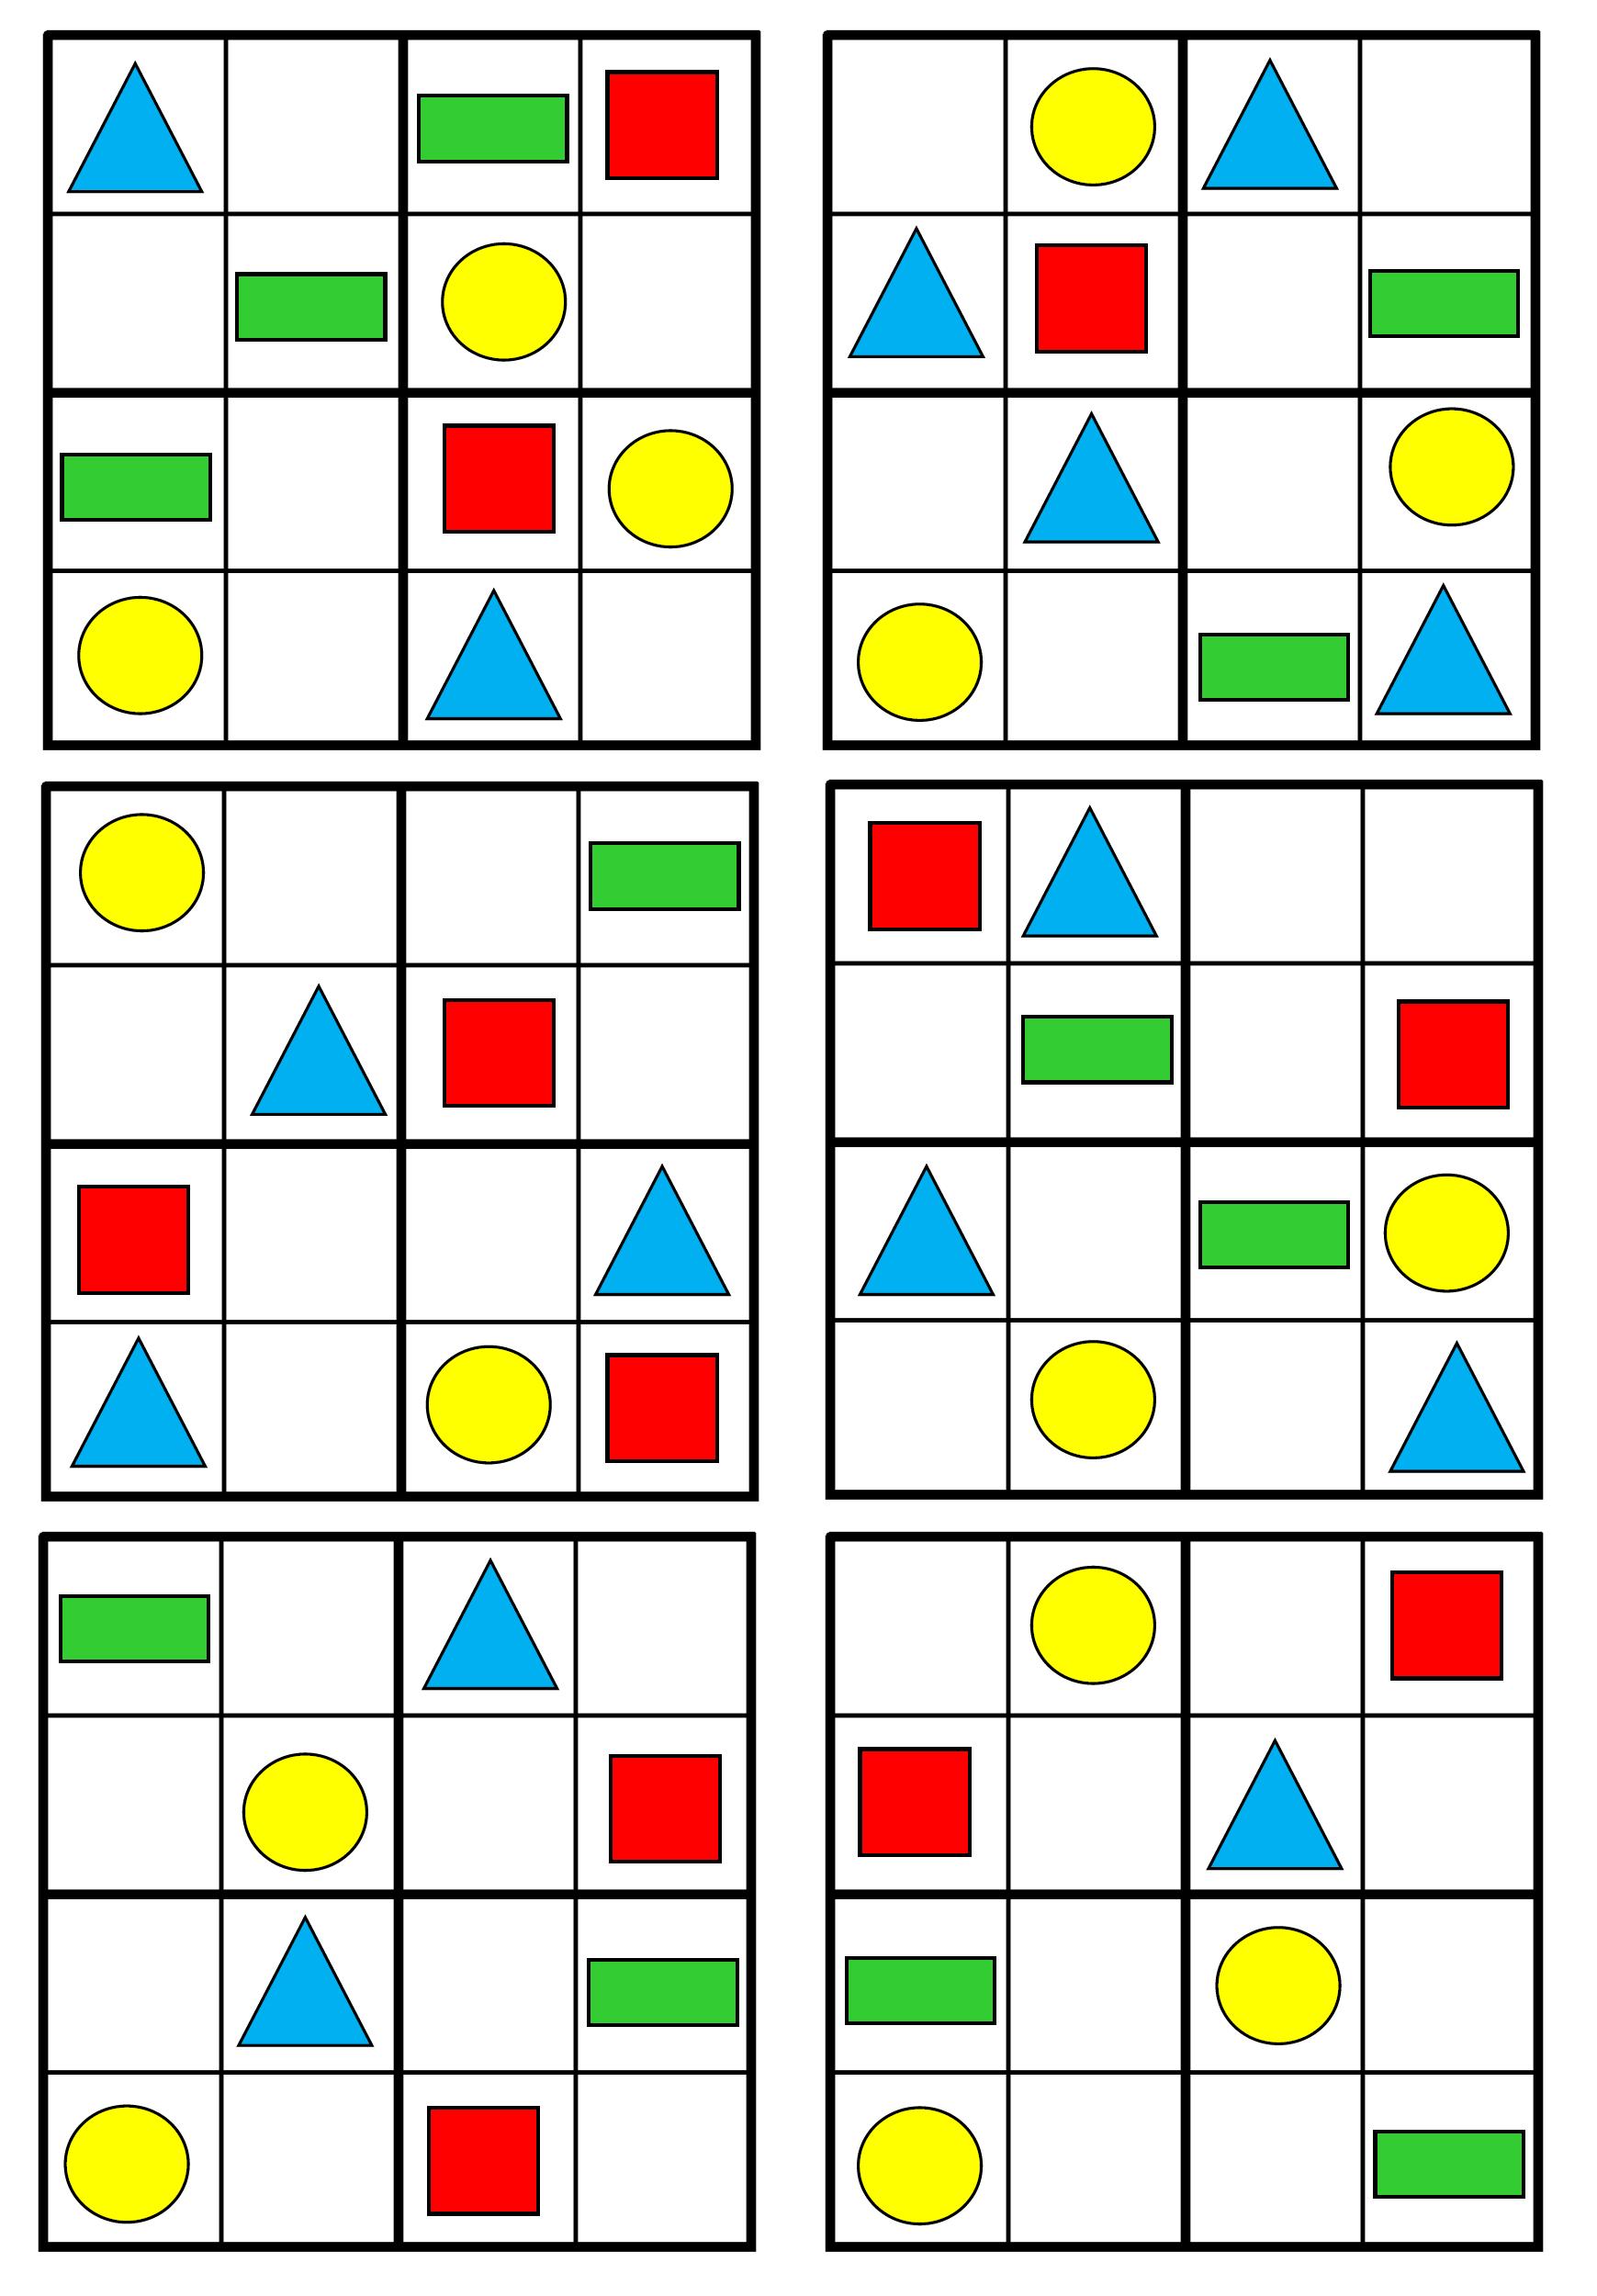 Pracovni Listy Matematicke Predstavy 5 7 Let Kids Math Worksheets Shapes For Kids Sudoku [ 2500 x 1739 Pixel ]